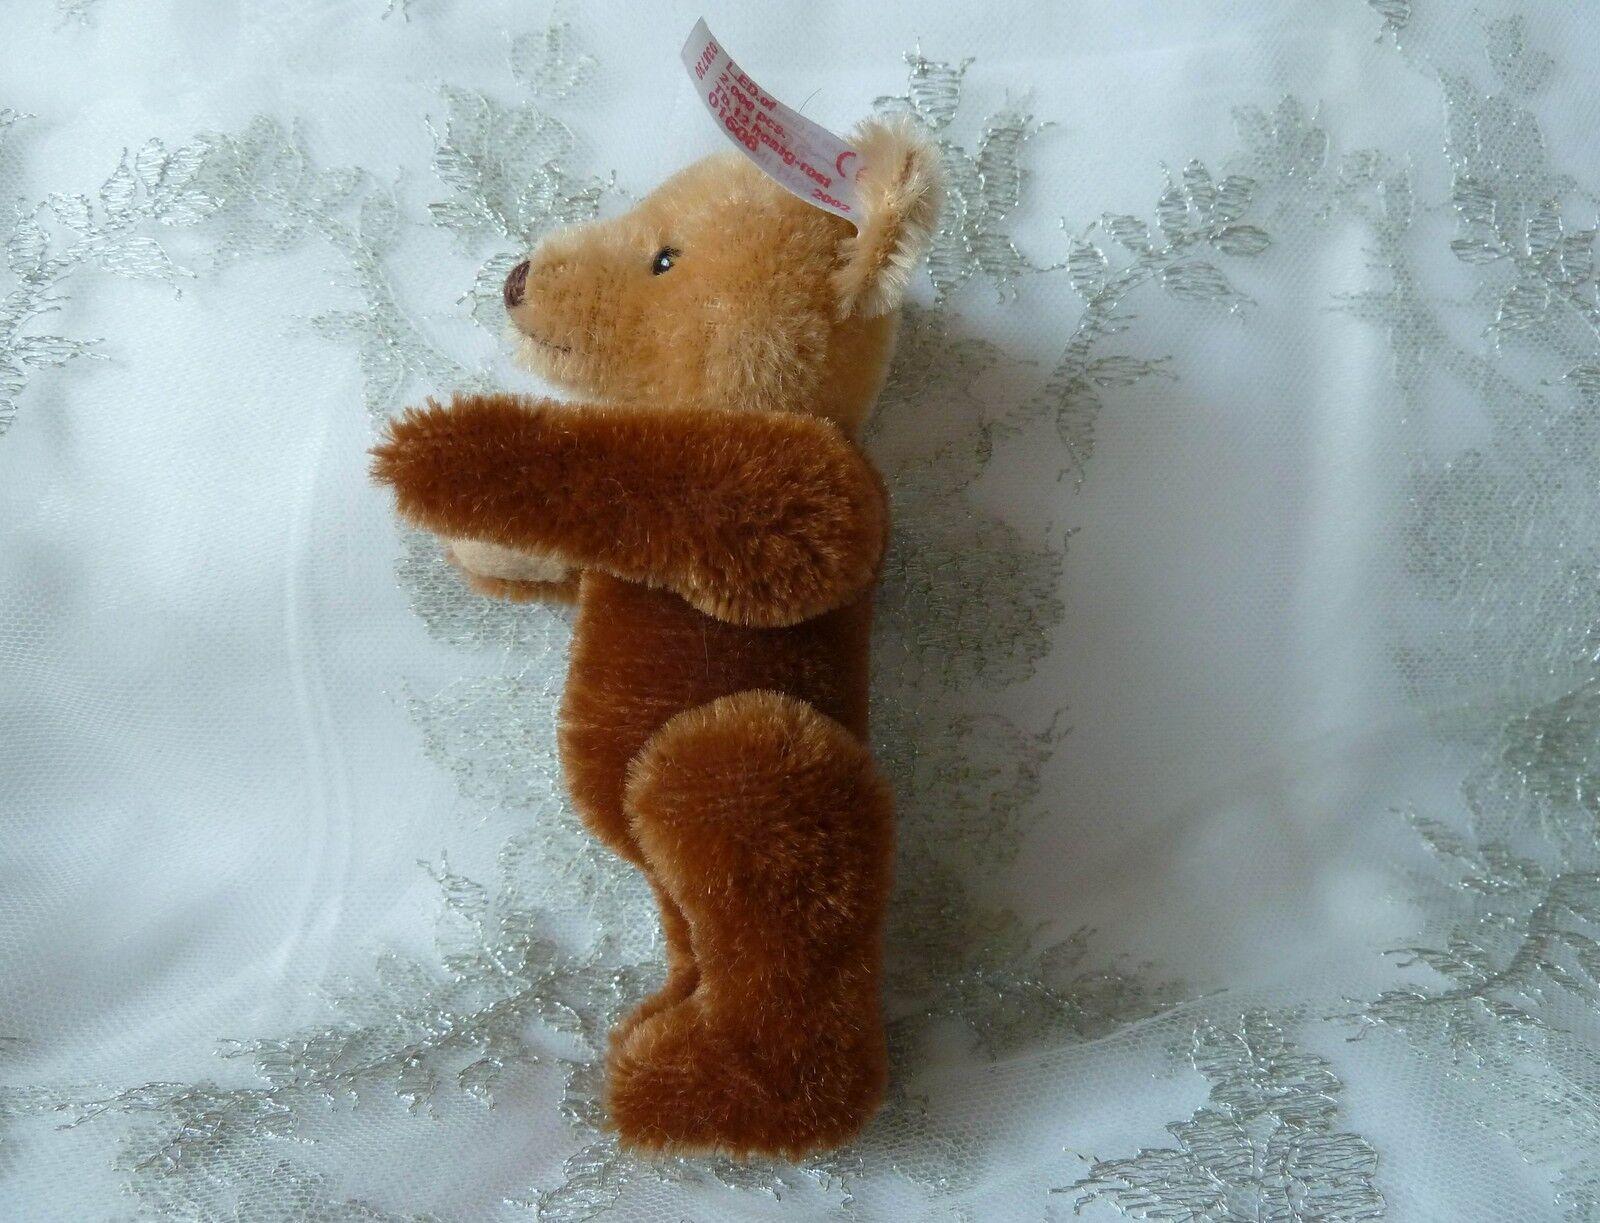 Steiff Teddybär 038730 12 12 12 cm Nr 01608Teddy Bär honig rost Millenium Karussell 1f0a24